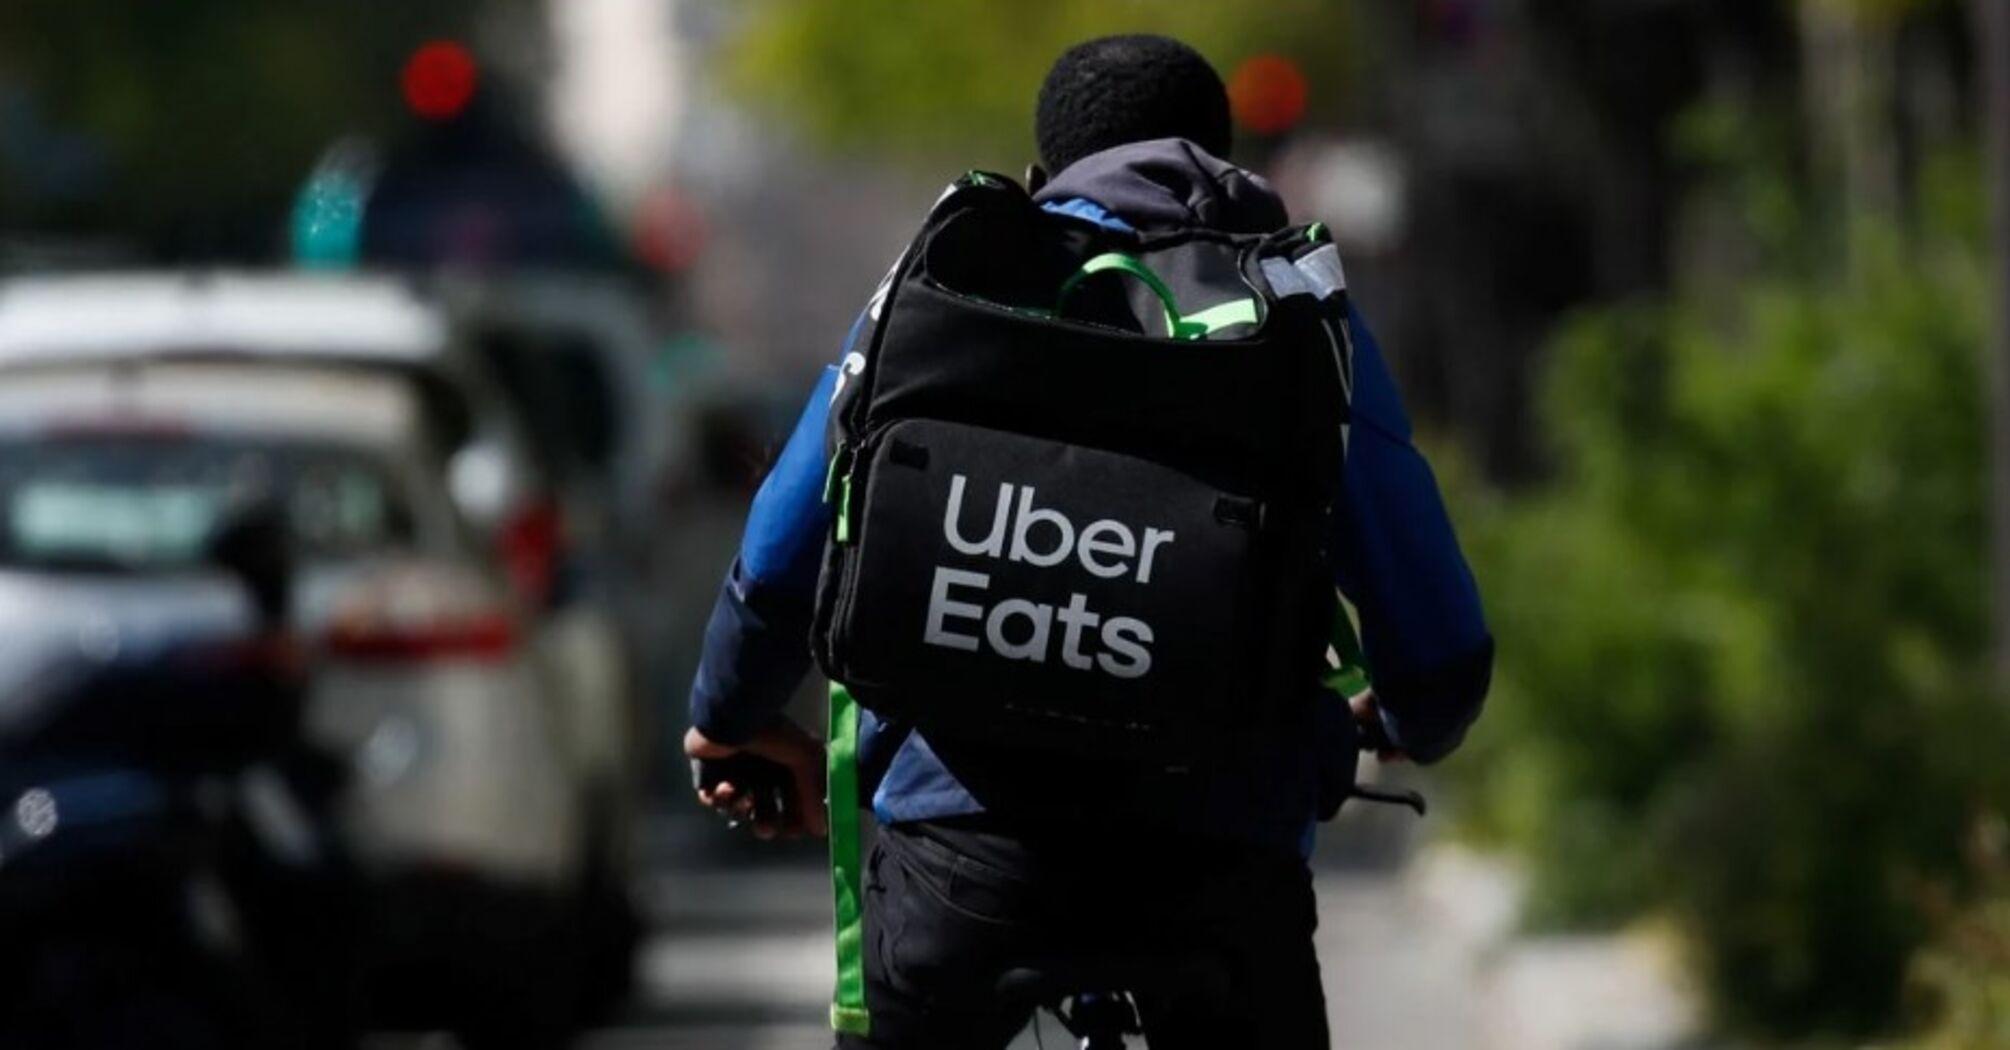 Uber покупает сервис доставки еды почти за 3 миллиарда долларов